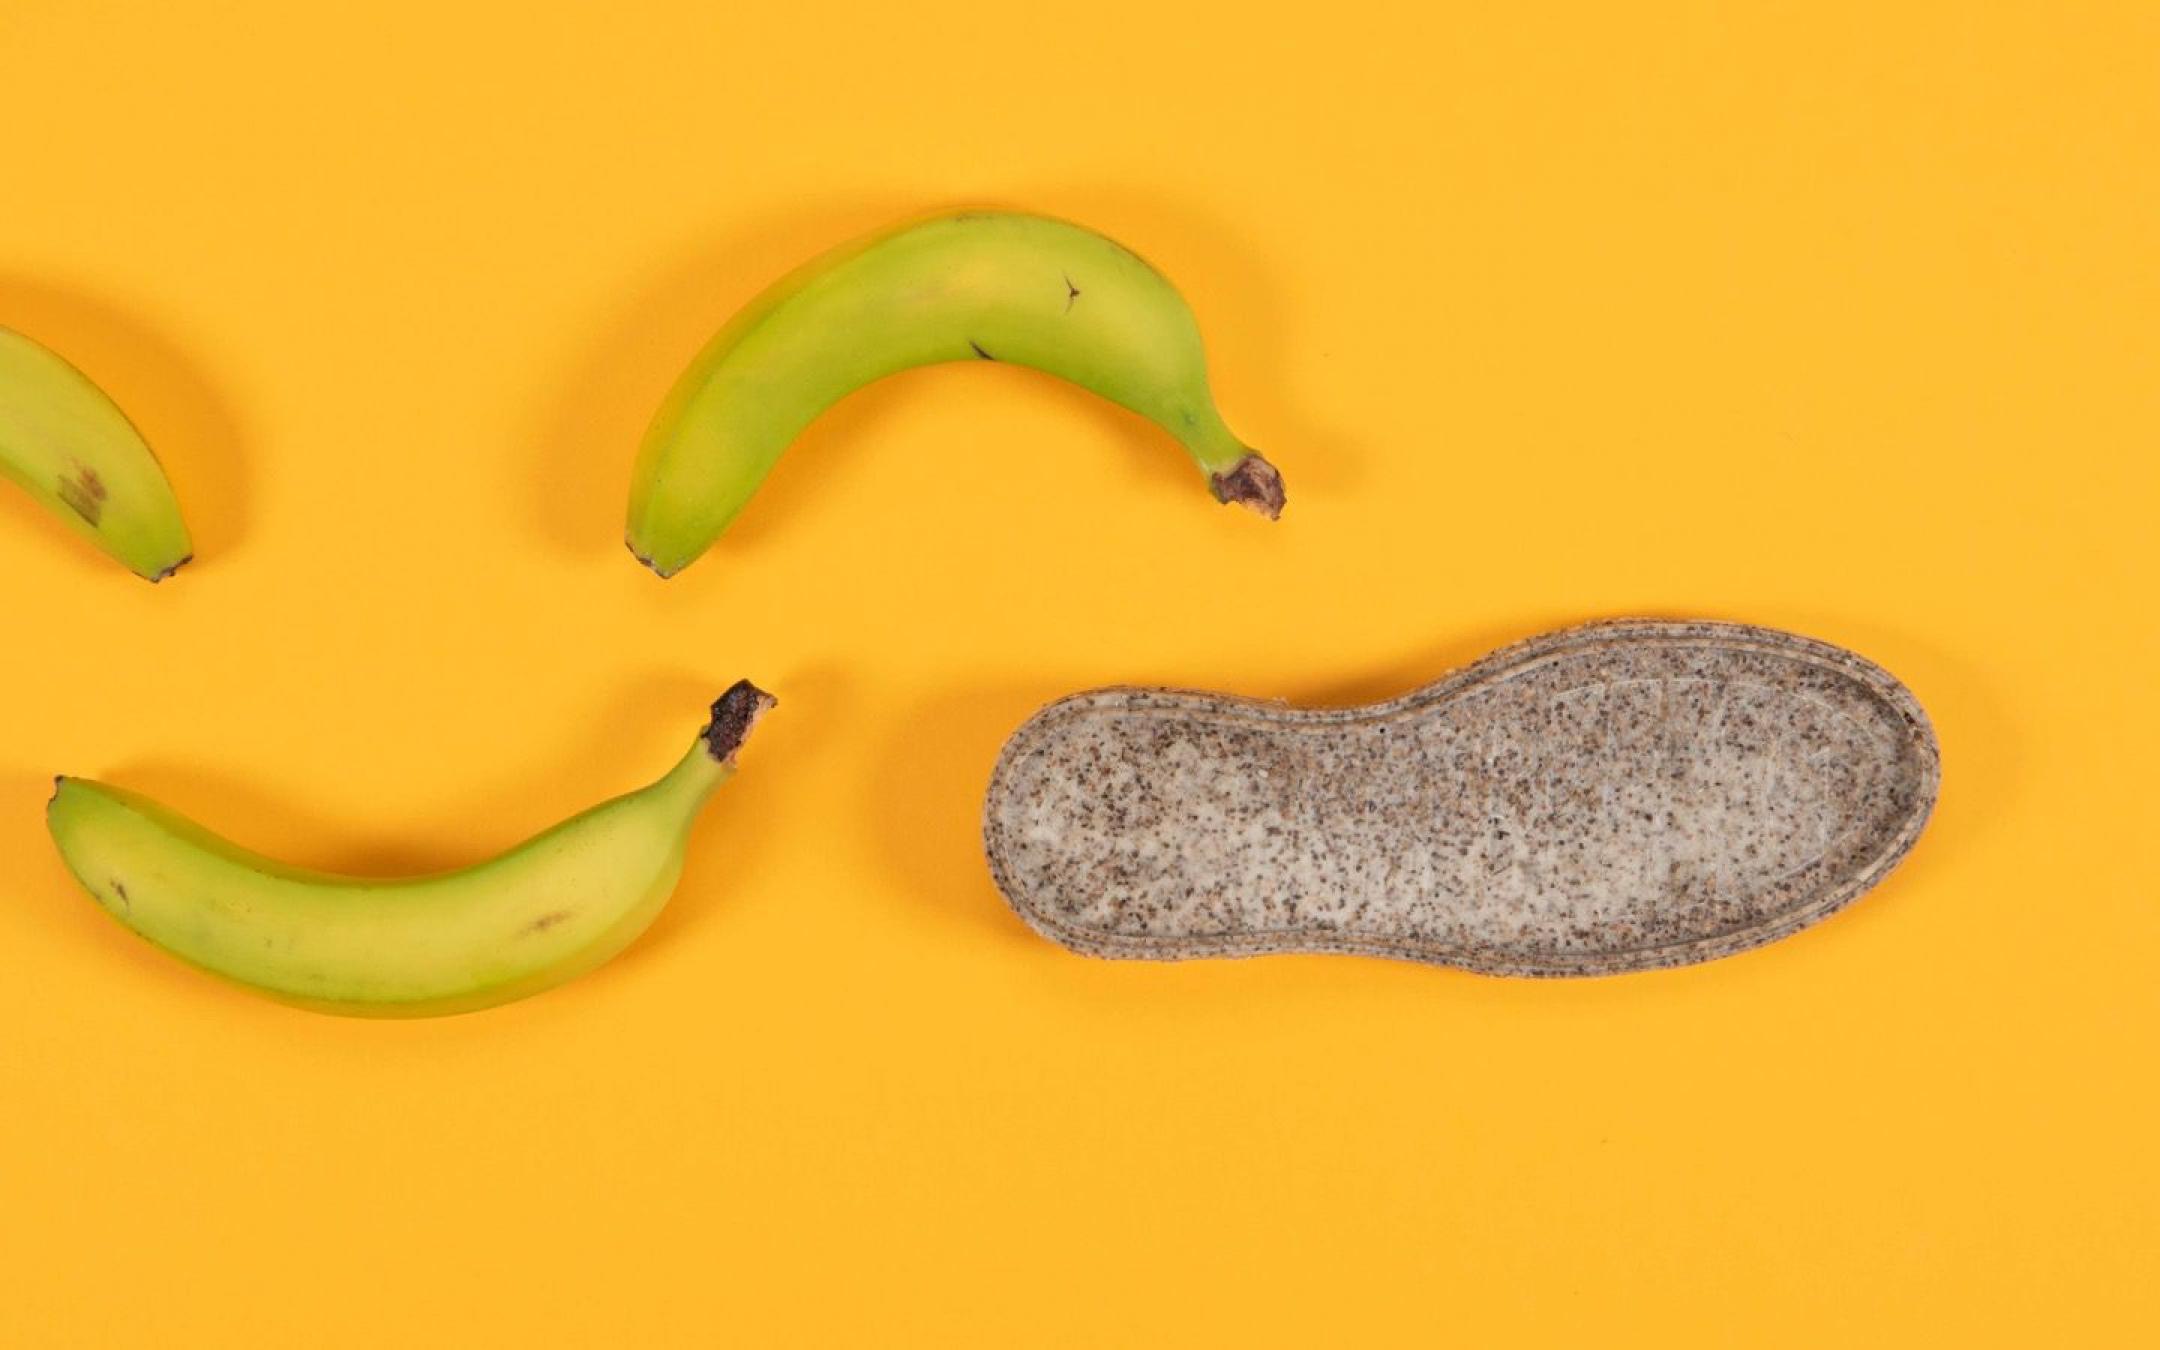 Diseñadora logra transformar las cáscaras de plátano en lentes y suelas de zapato